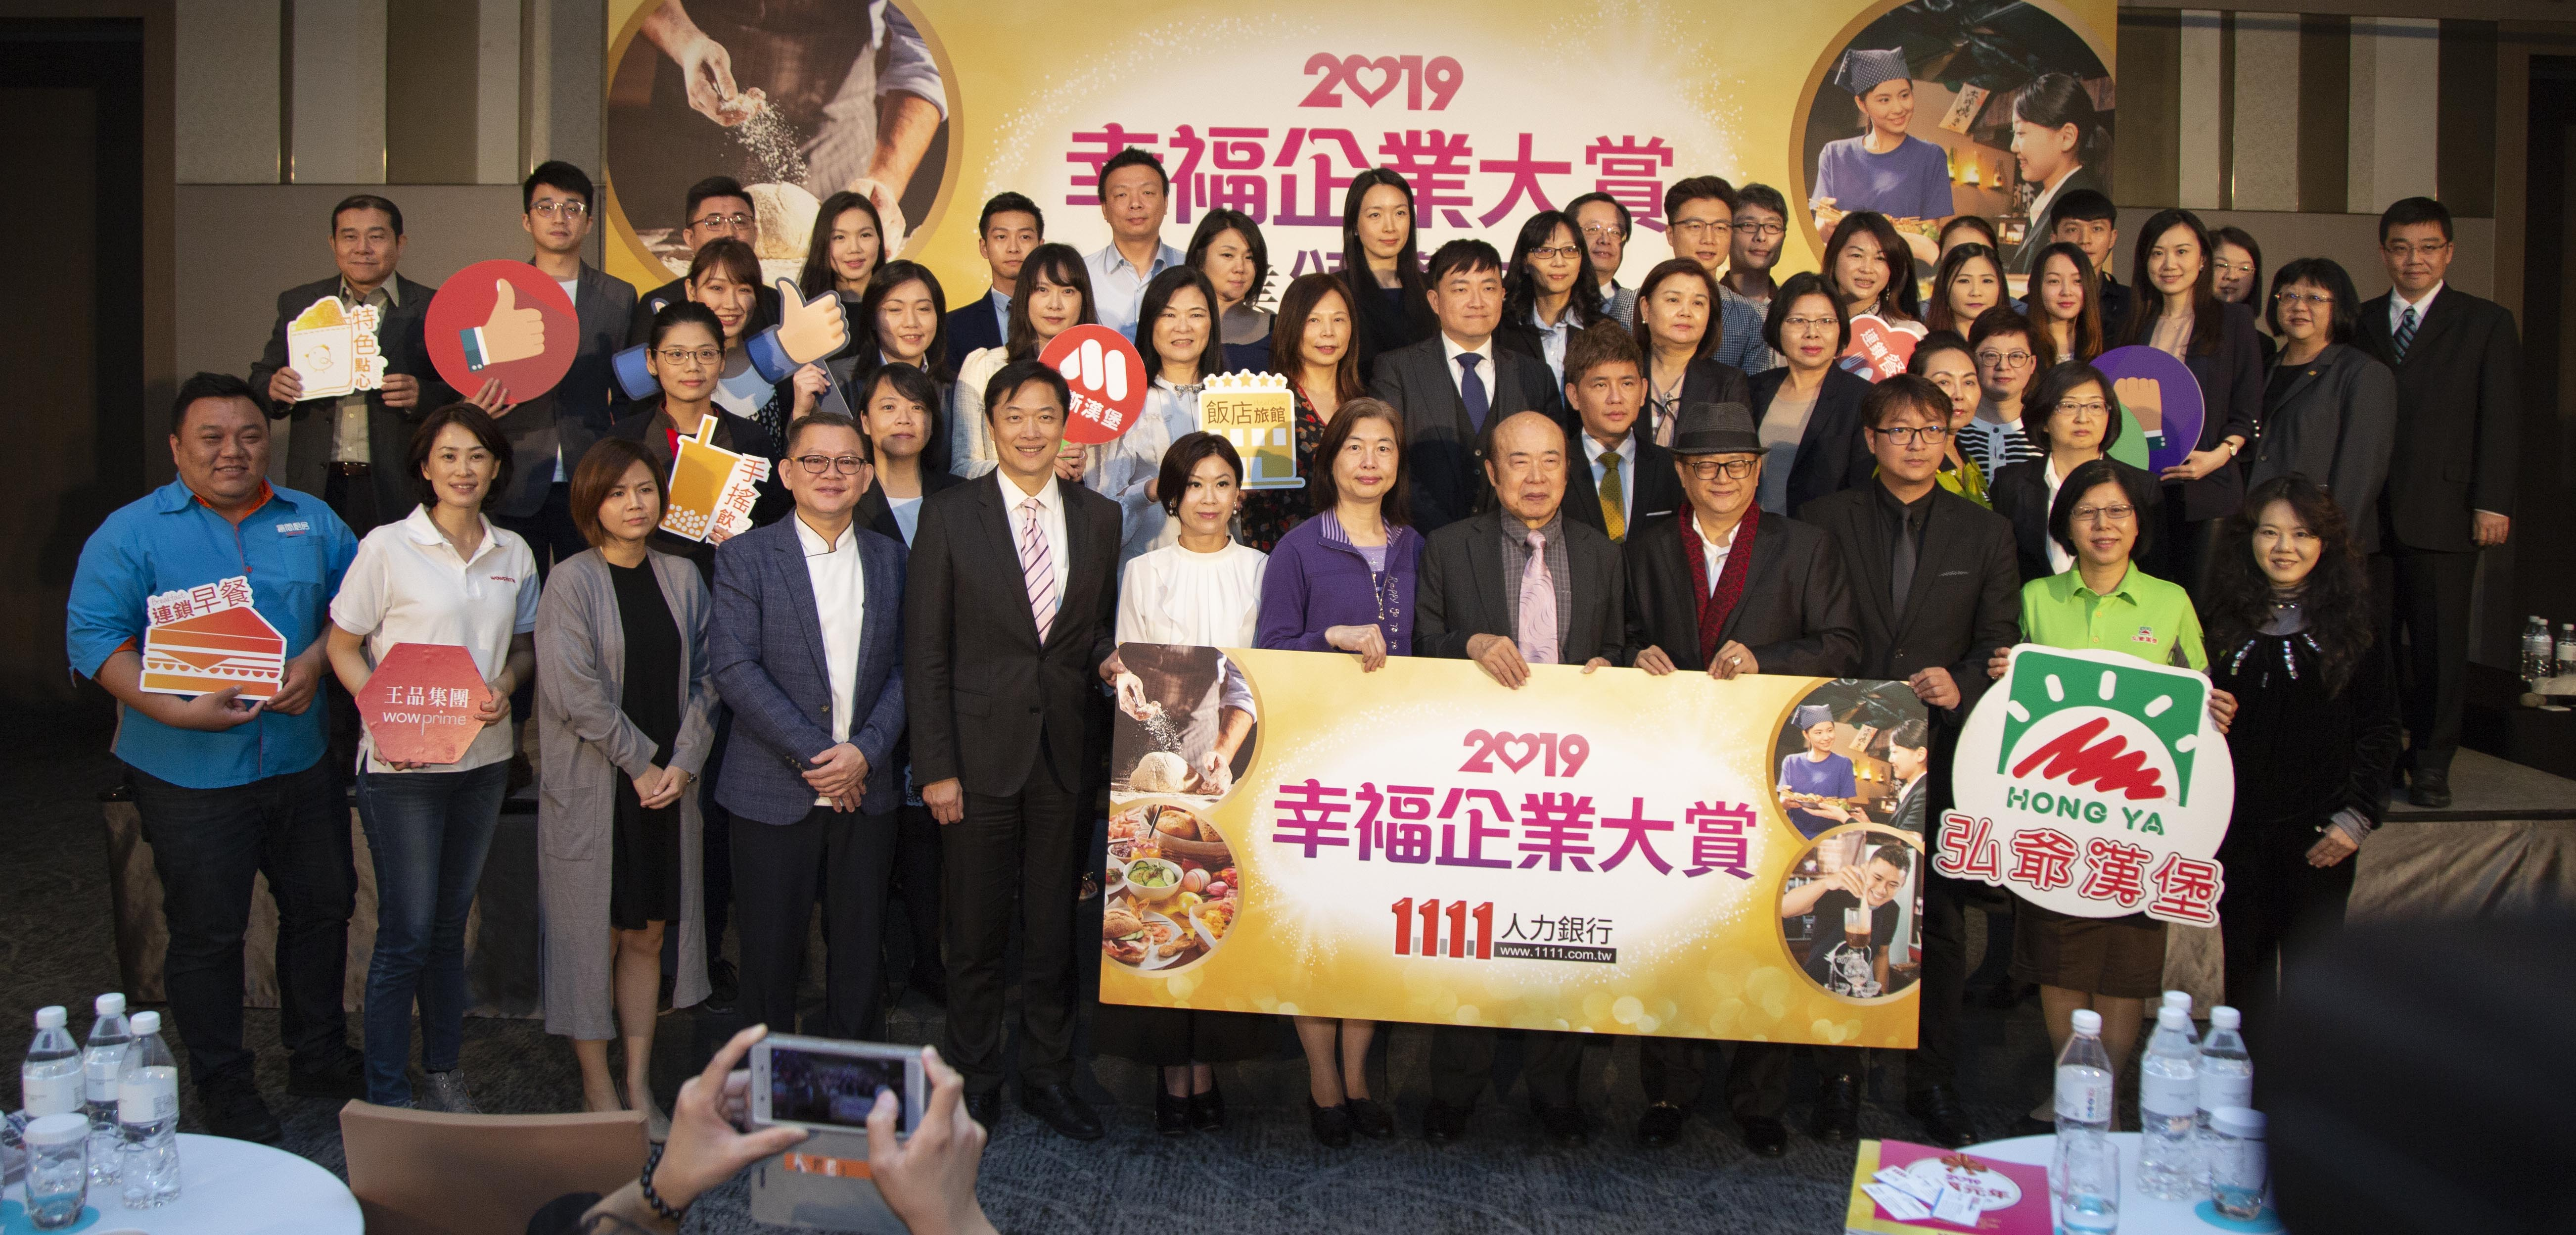 2019幸福企業大賞-餐飲業頒獎活動 帶動台灣正能量創造快樂就業力-幸福企業